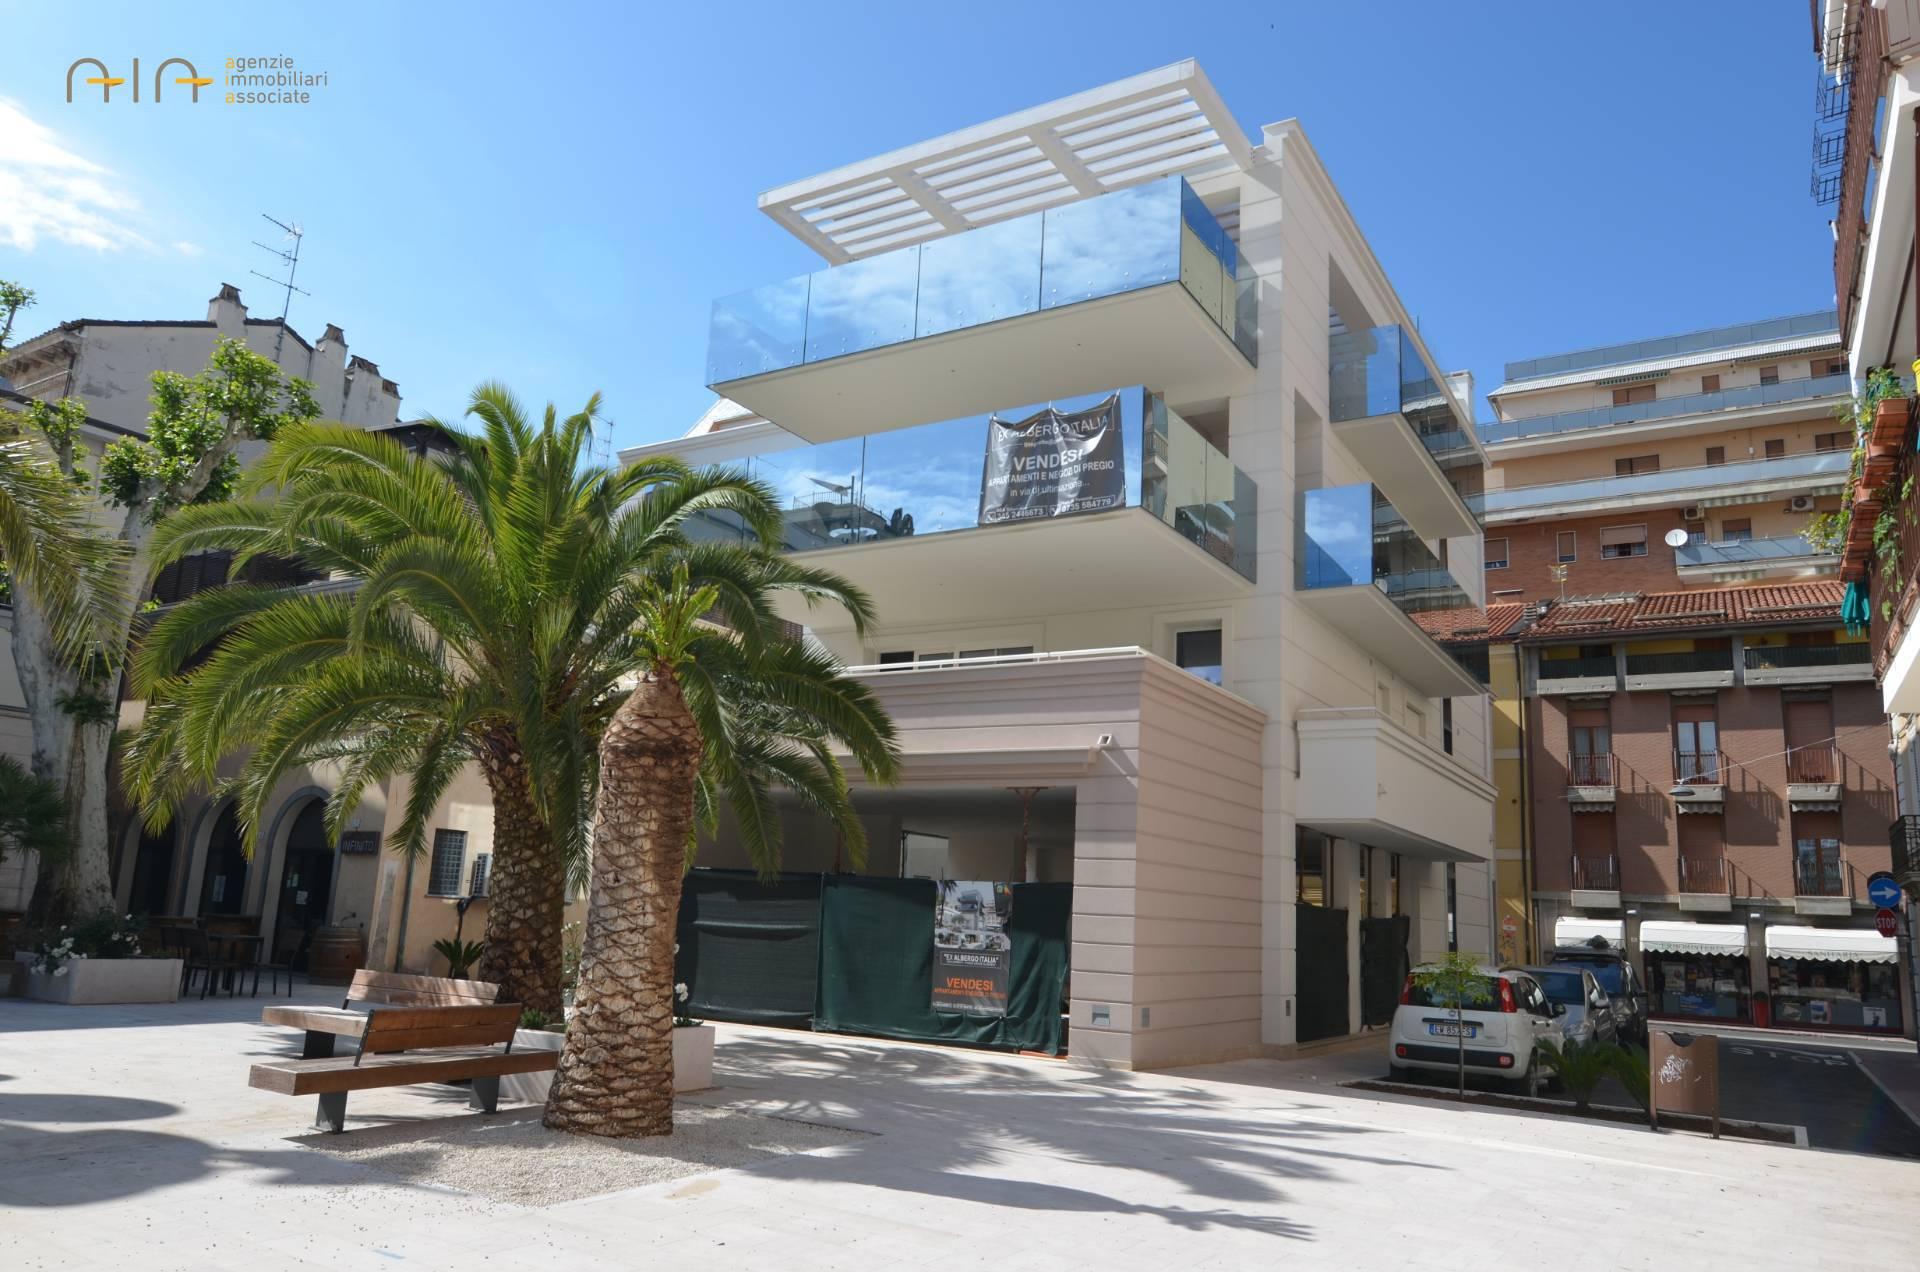 Appartamento in vendita a Grottammare, 3 locali, zona Località: Centrale(traLass16eferrovia,finoalfiumeTesino, prezzo € 380.000 | CambioCasa.it